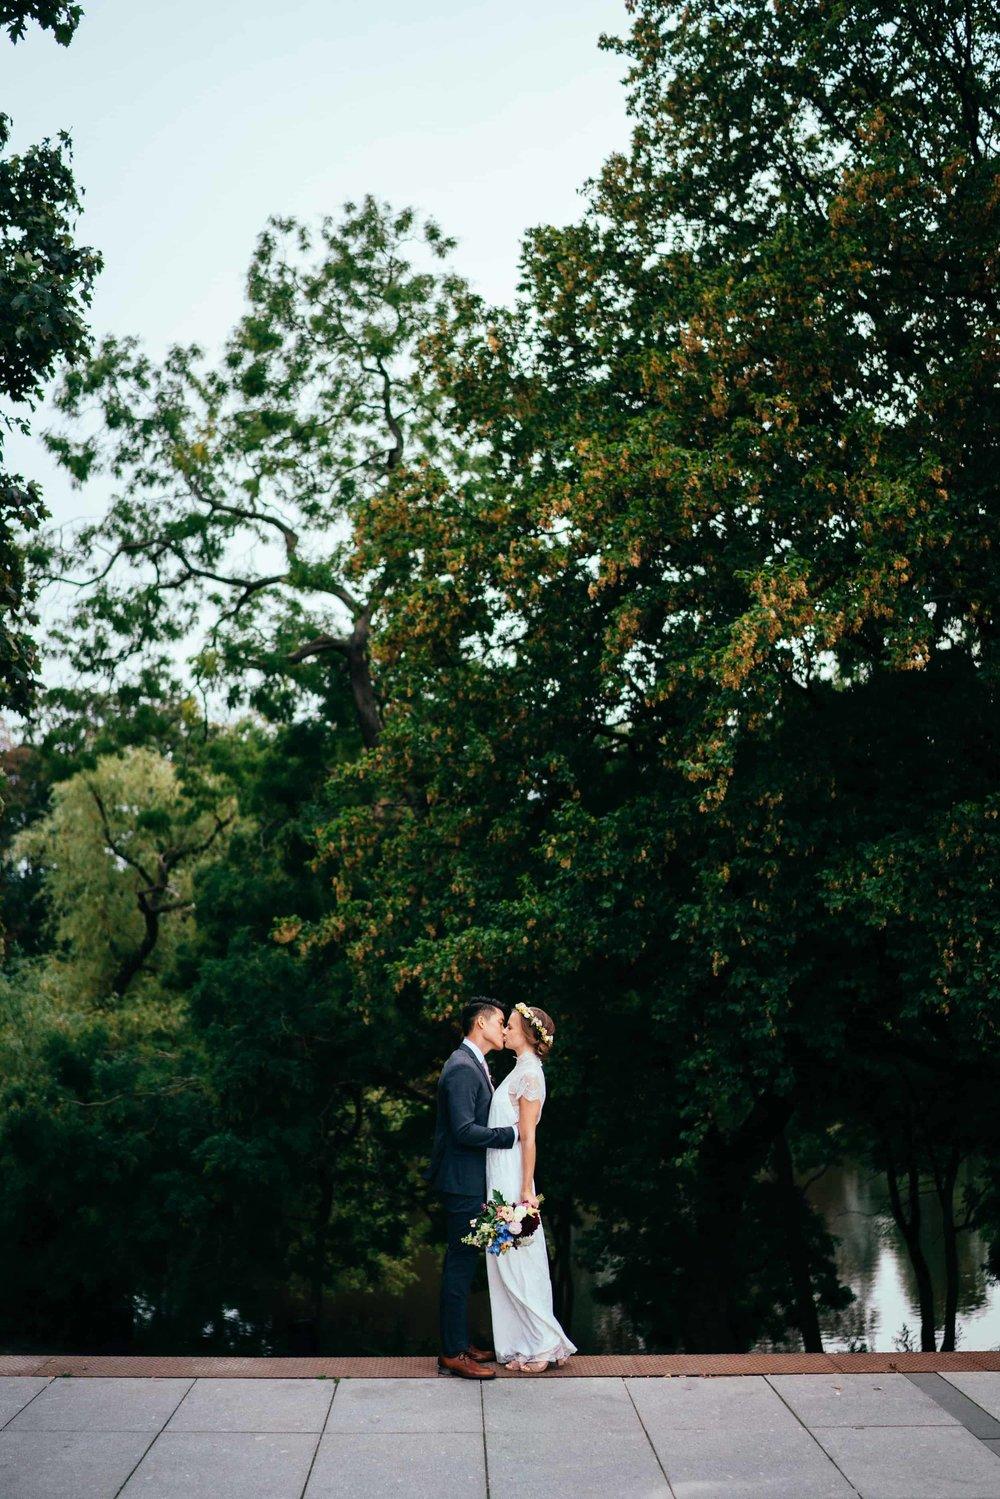 brudepar-bryllupsportræt-ved-ørstedsparken-københavn-bryllupsfotograf.jpg